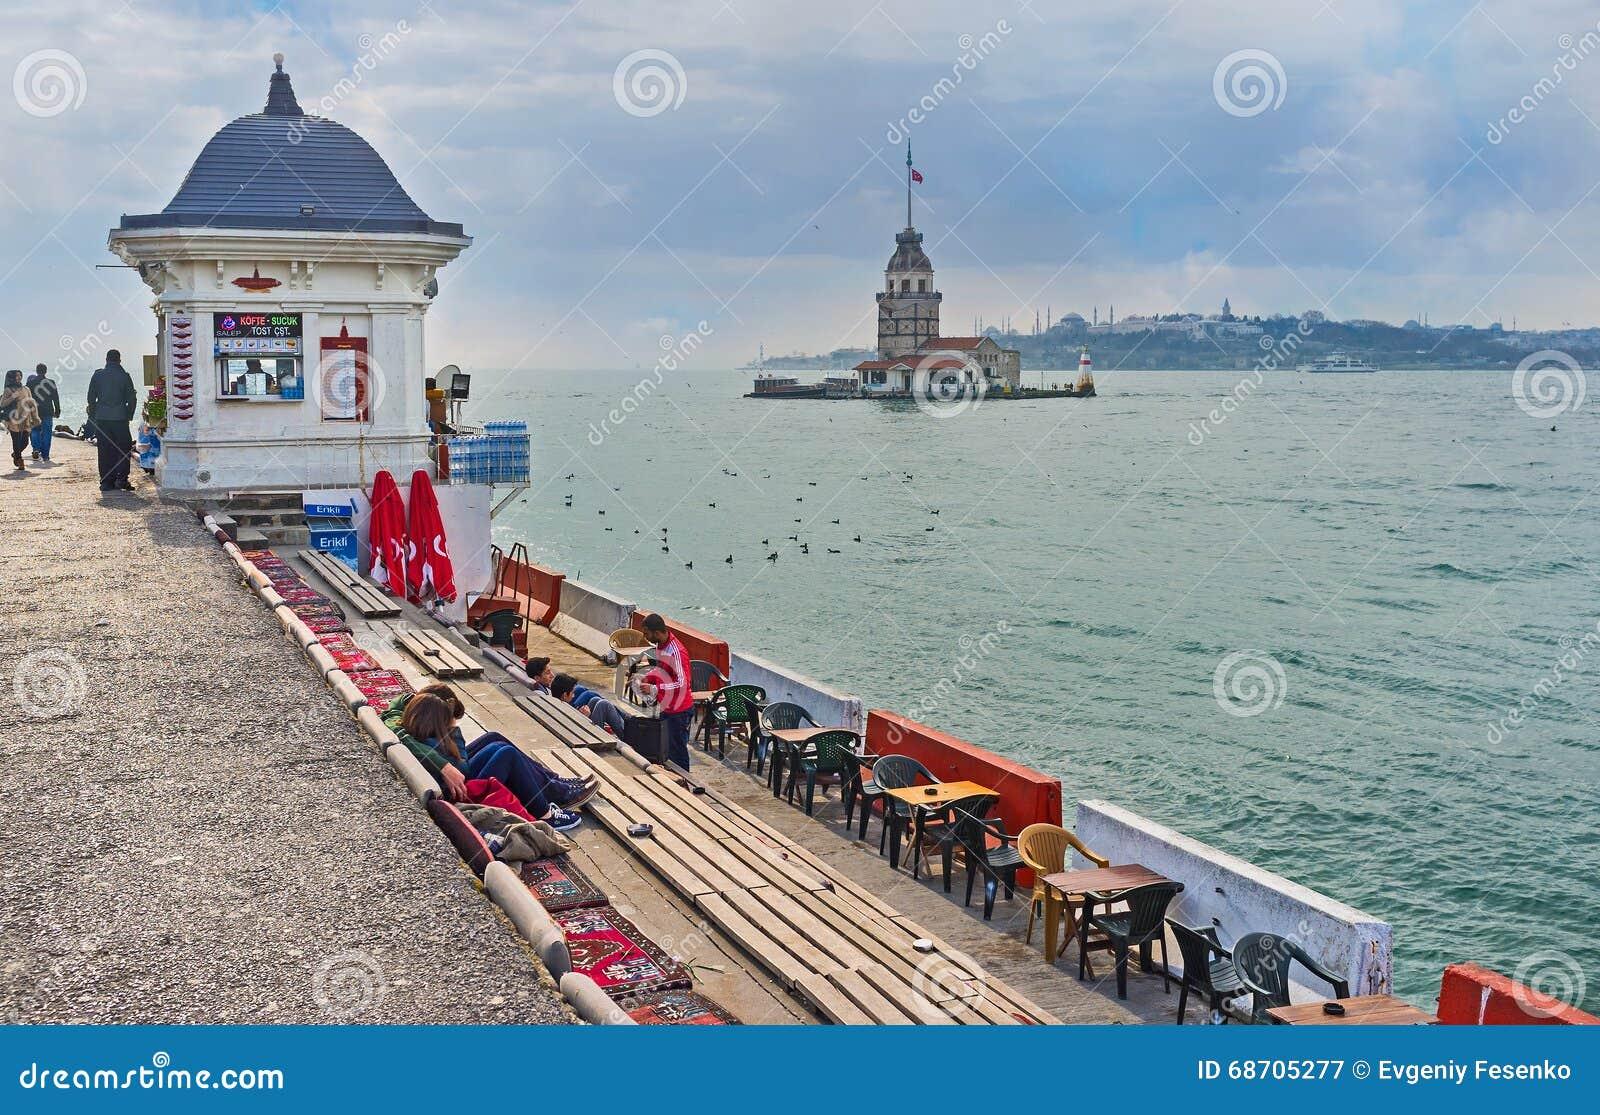 Le salon de thé à Istanbul photographie éditorial. Image du ...